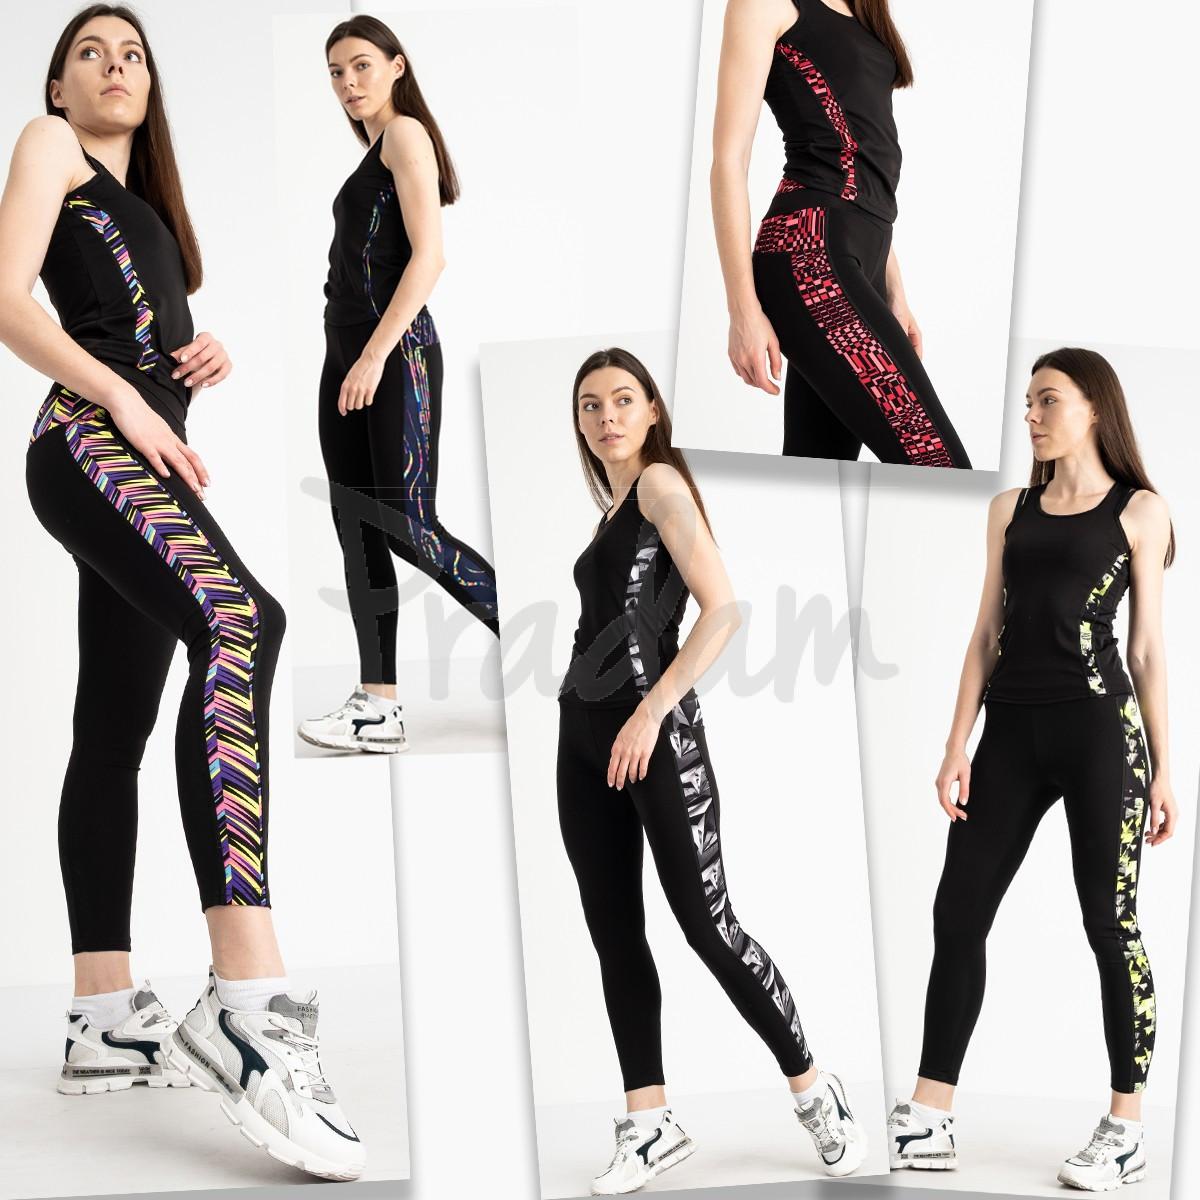 0468-109 фитнес-костюм женский стрейчевый микс цветов (4 ед. размеры: S-M/2, L-XL/2) Без выбора цветов